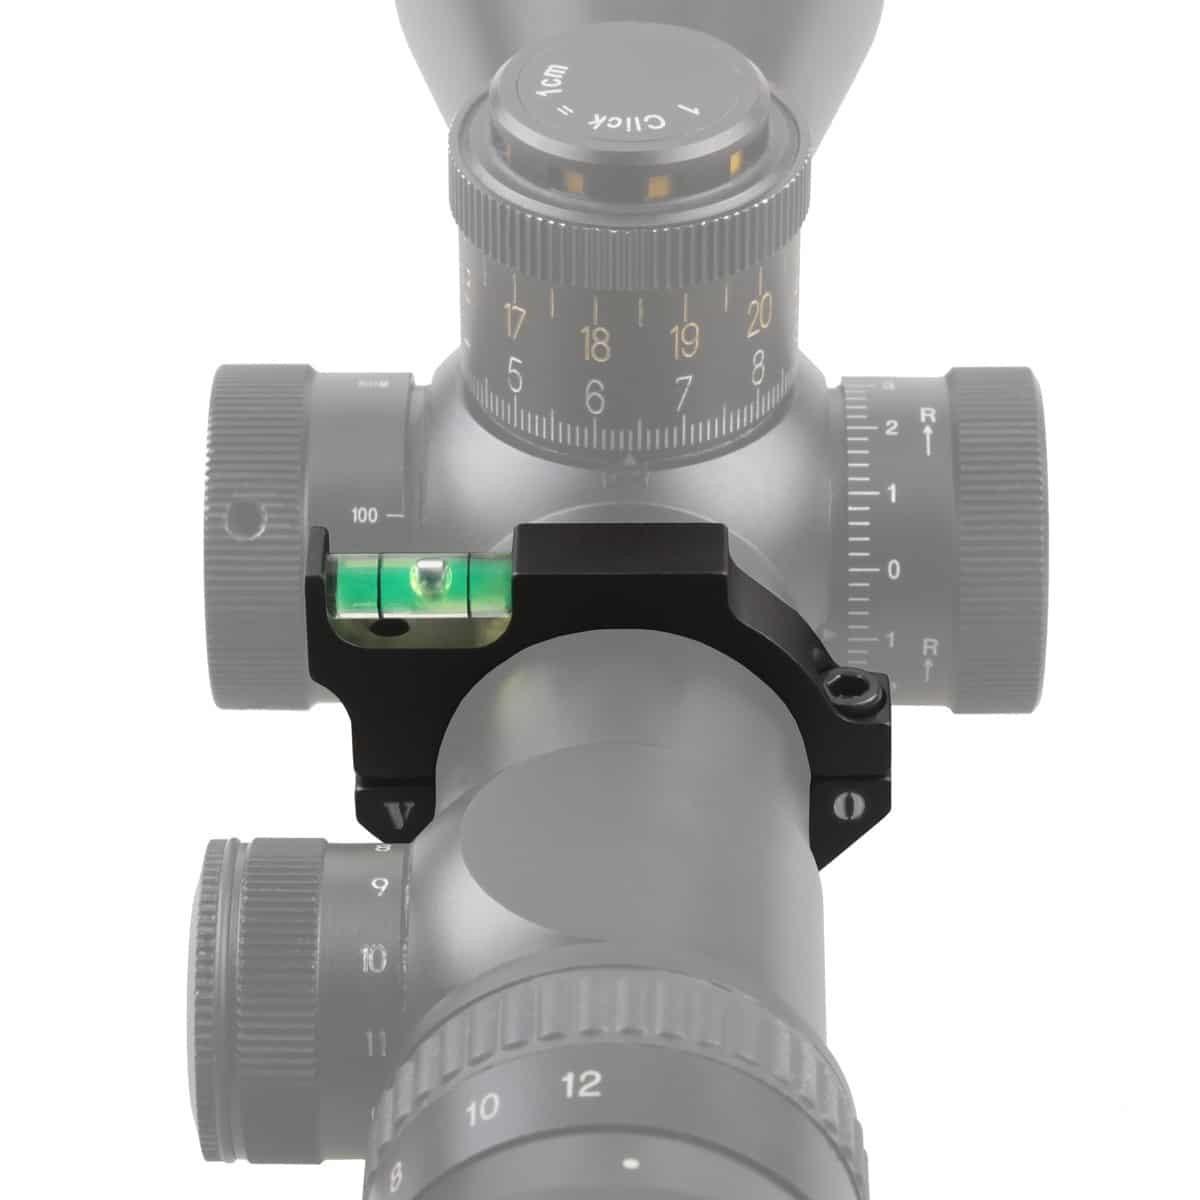 34mm Offest Bubble ACD Mount